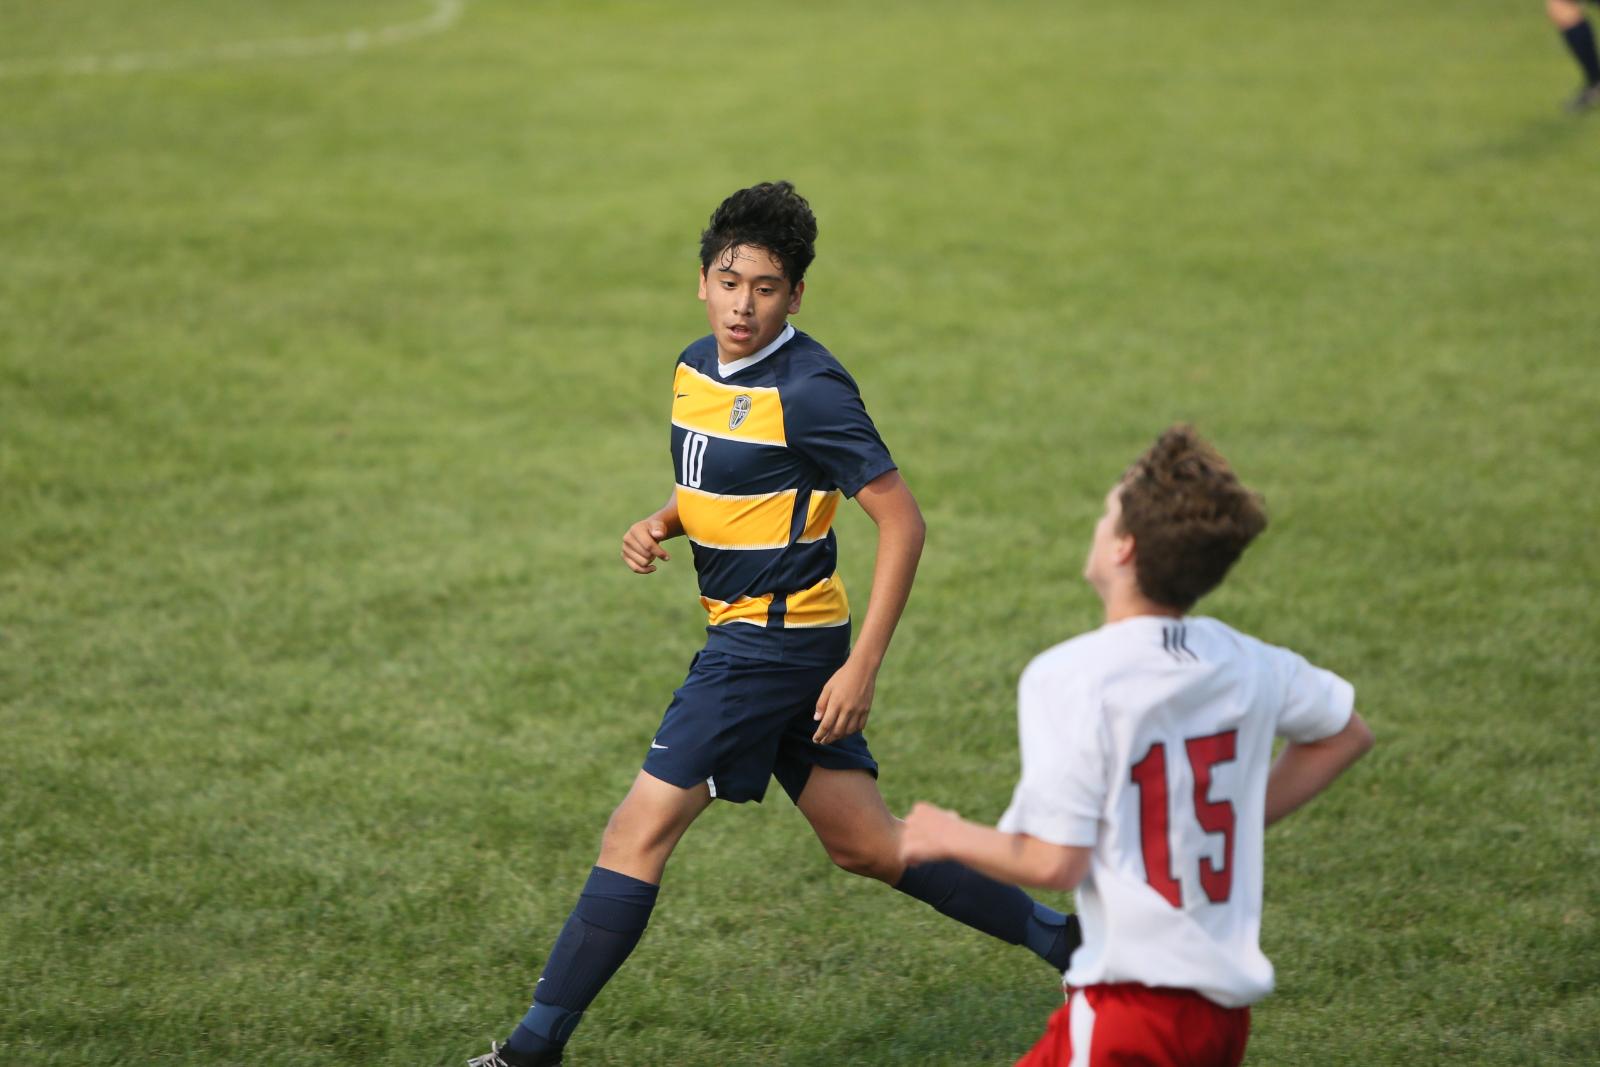 Boys Soccer vs. New Palestine 8/18/20